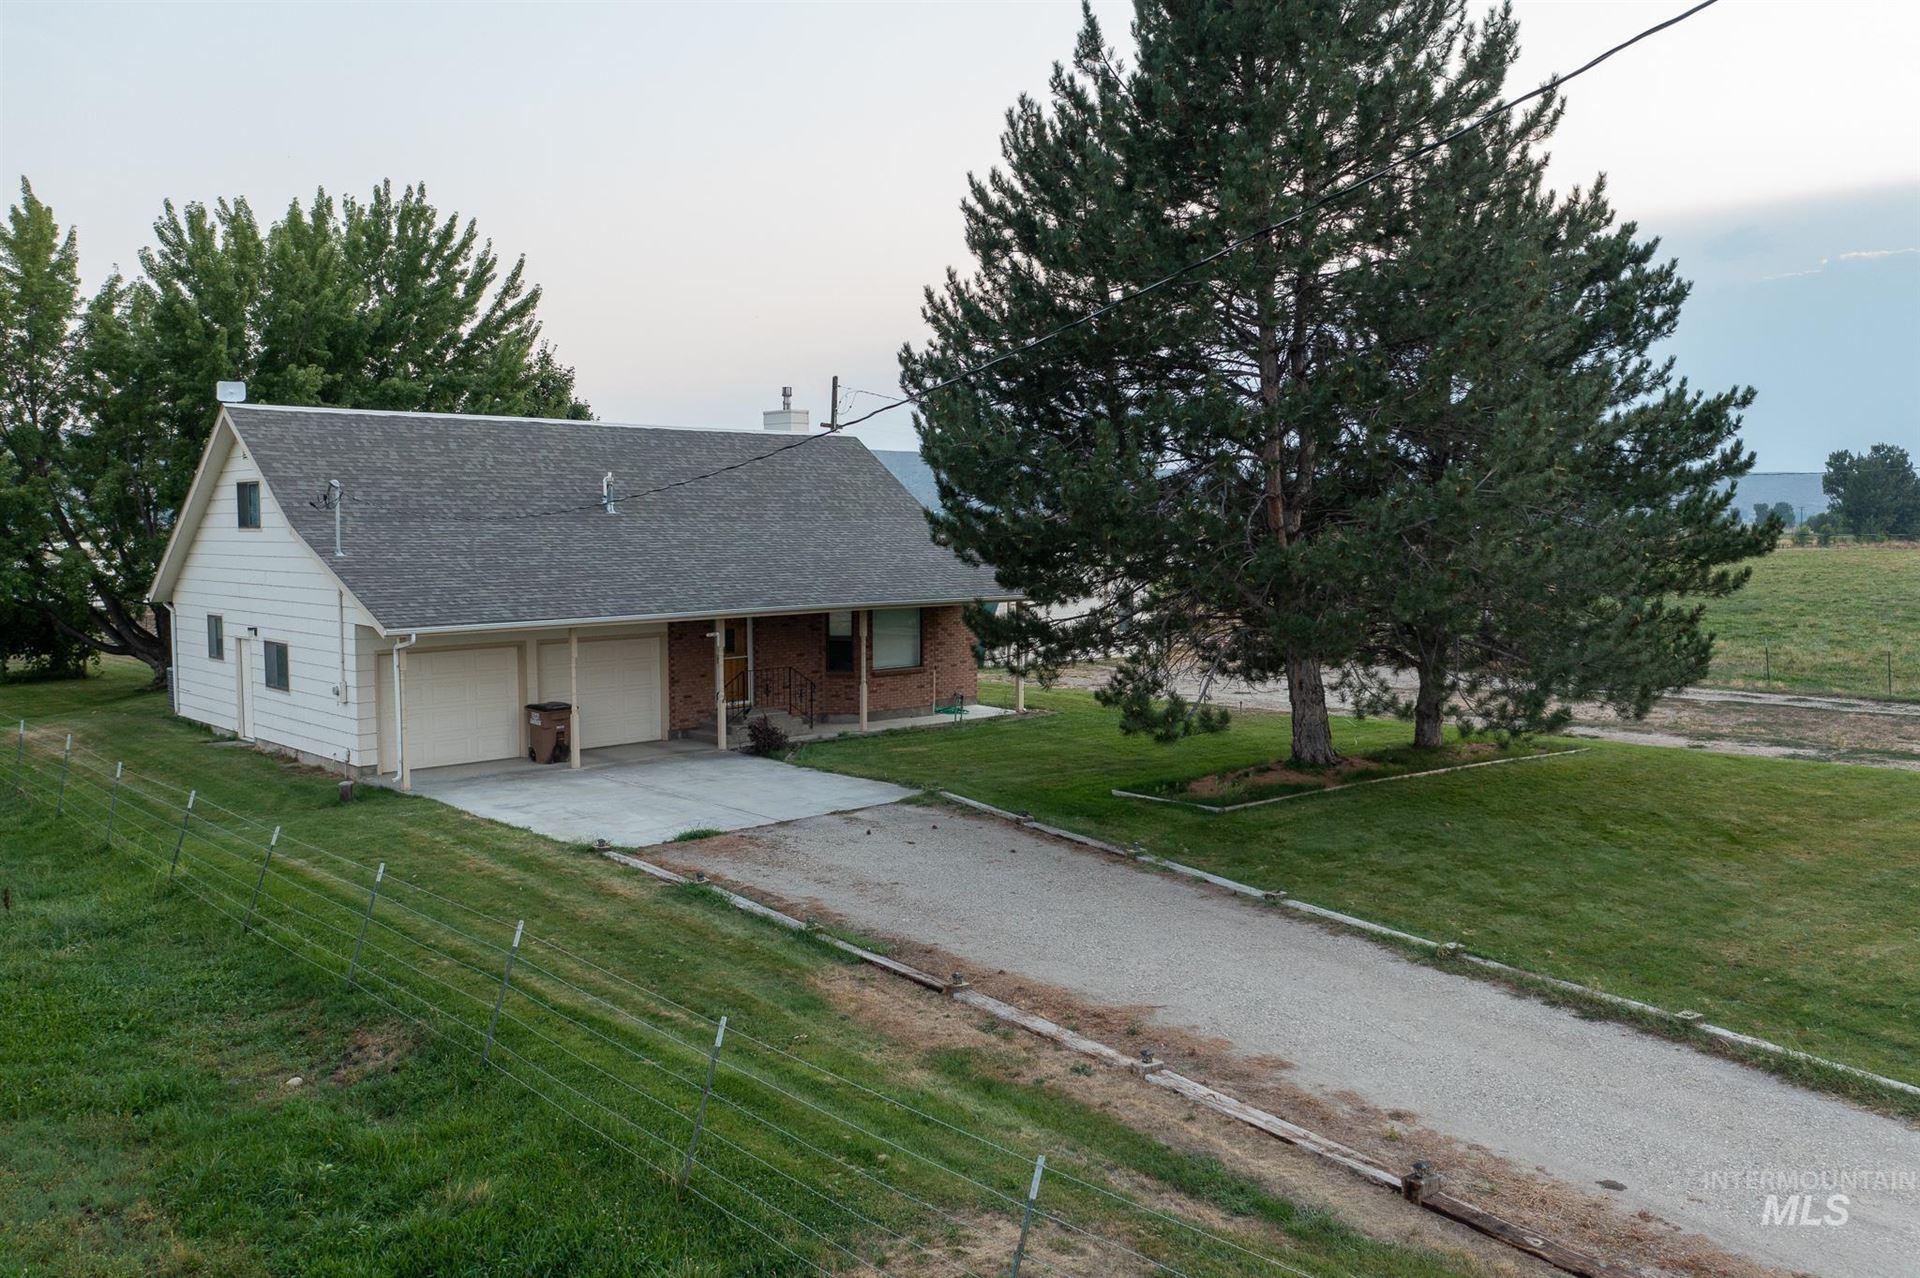 1845 Sales Yard Rd., Emmett, ID 83617 - MLS#: 98811190